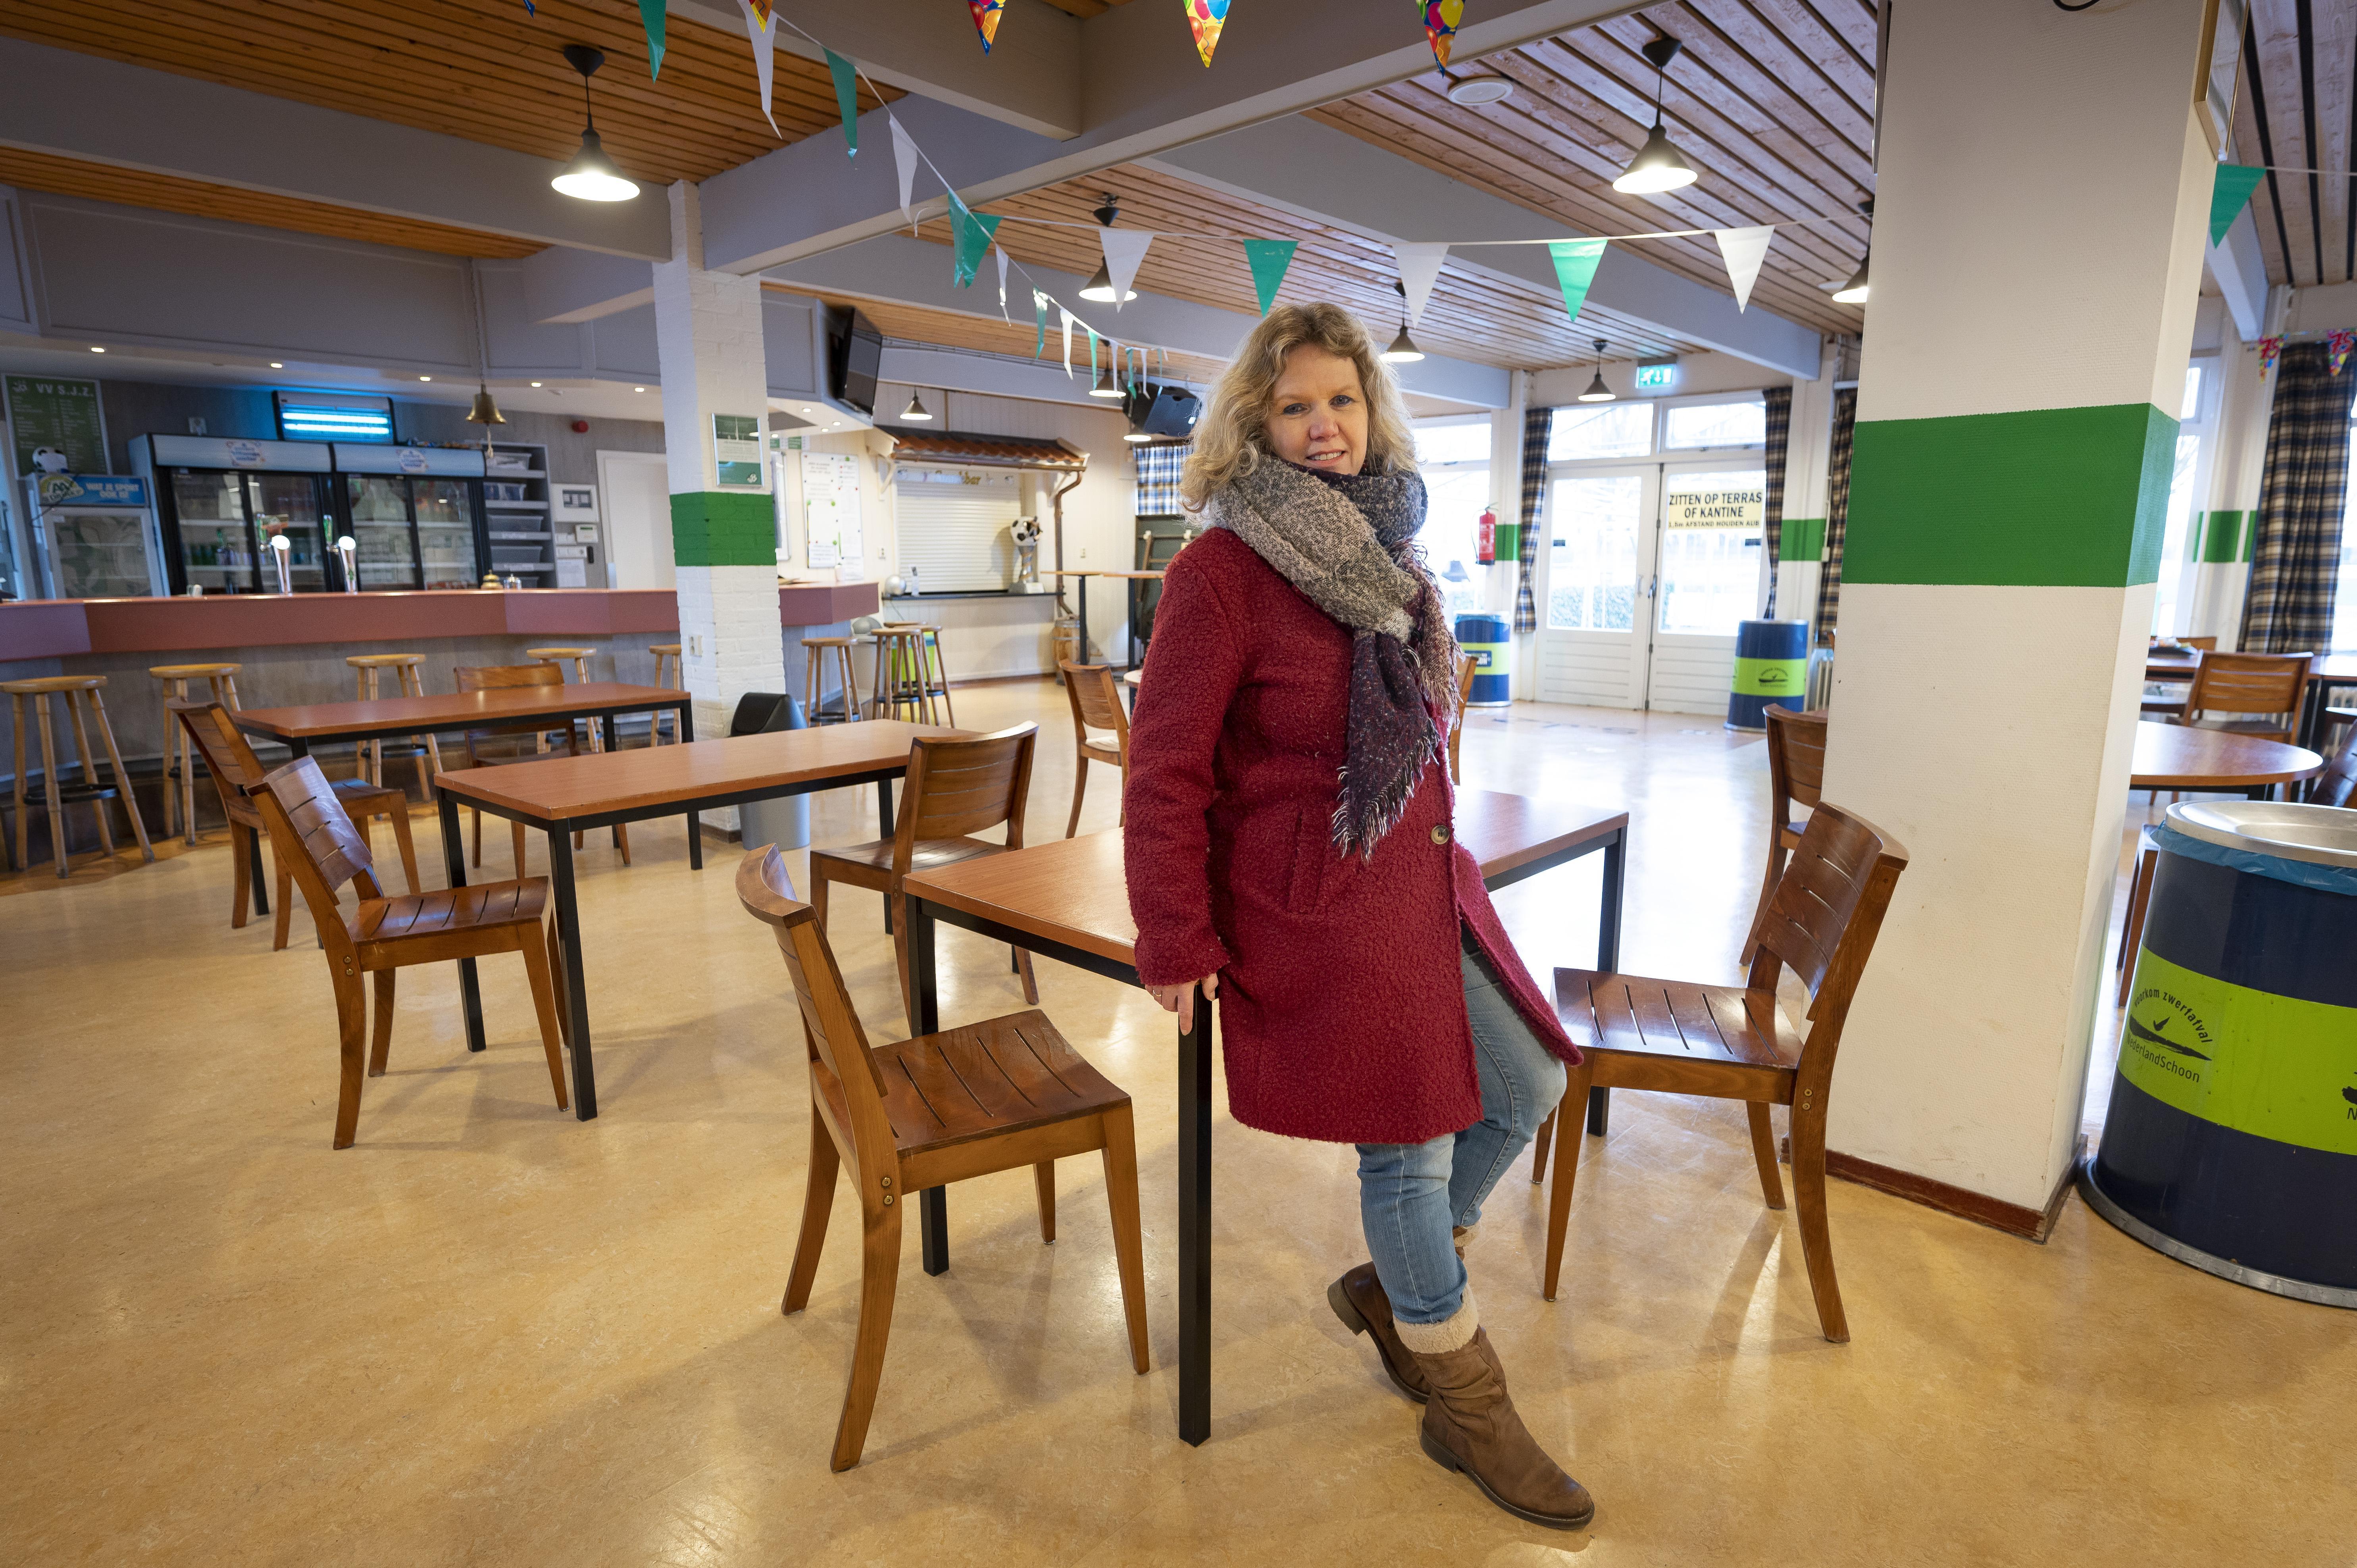 Monique Pieterse vrijwilliger van het jaar in Zoeterwoude; 'Met de coronaregels moet je passen en meten. Samen kun je er iets moois van maken'